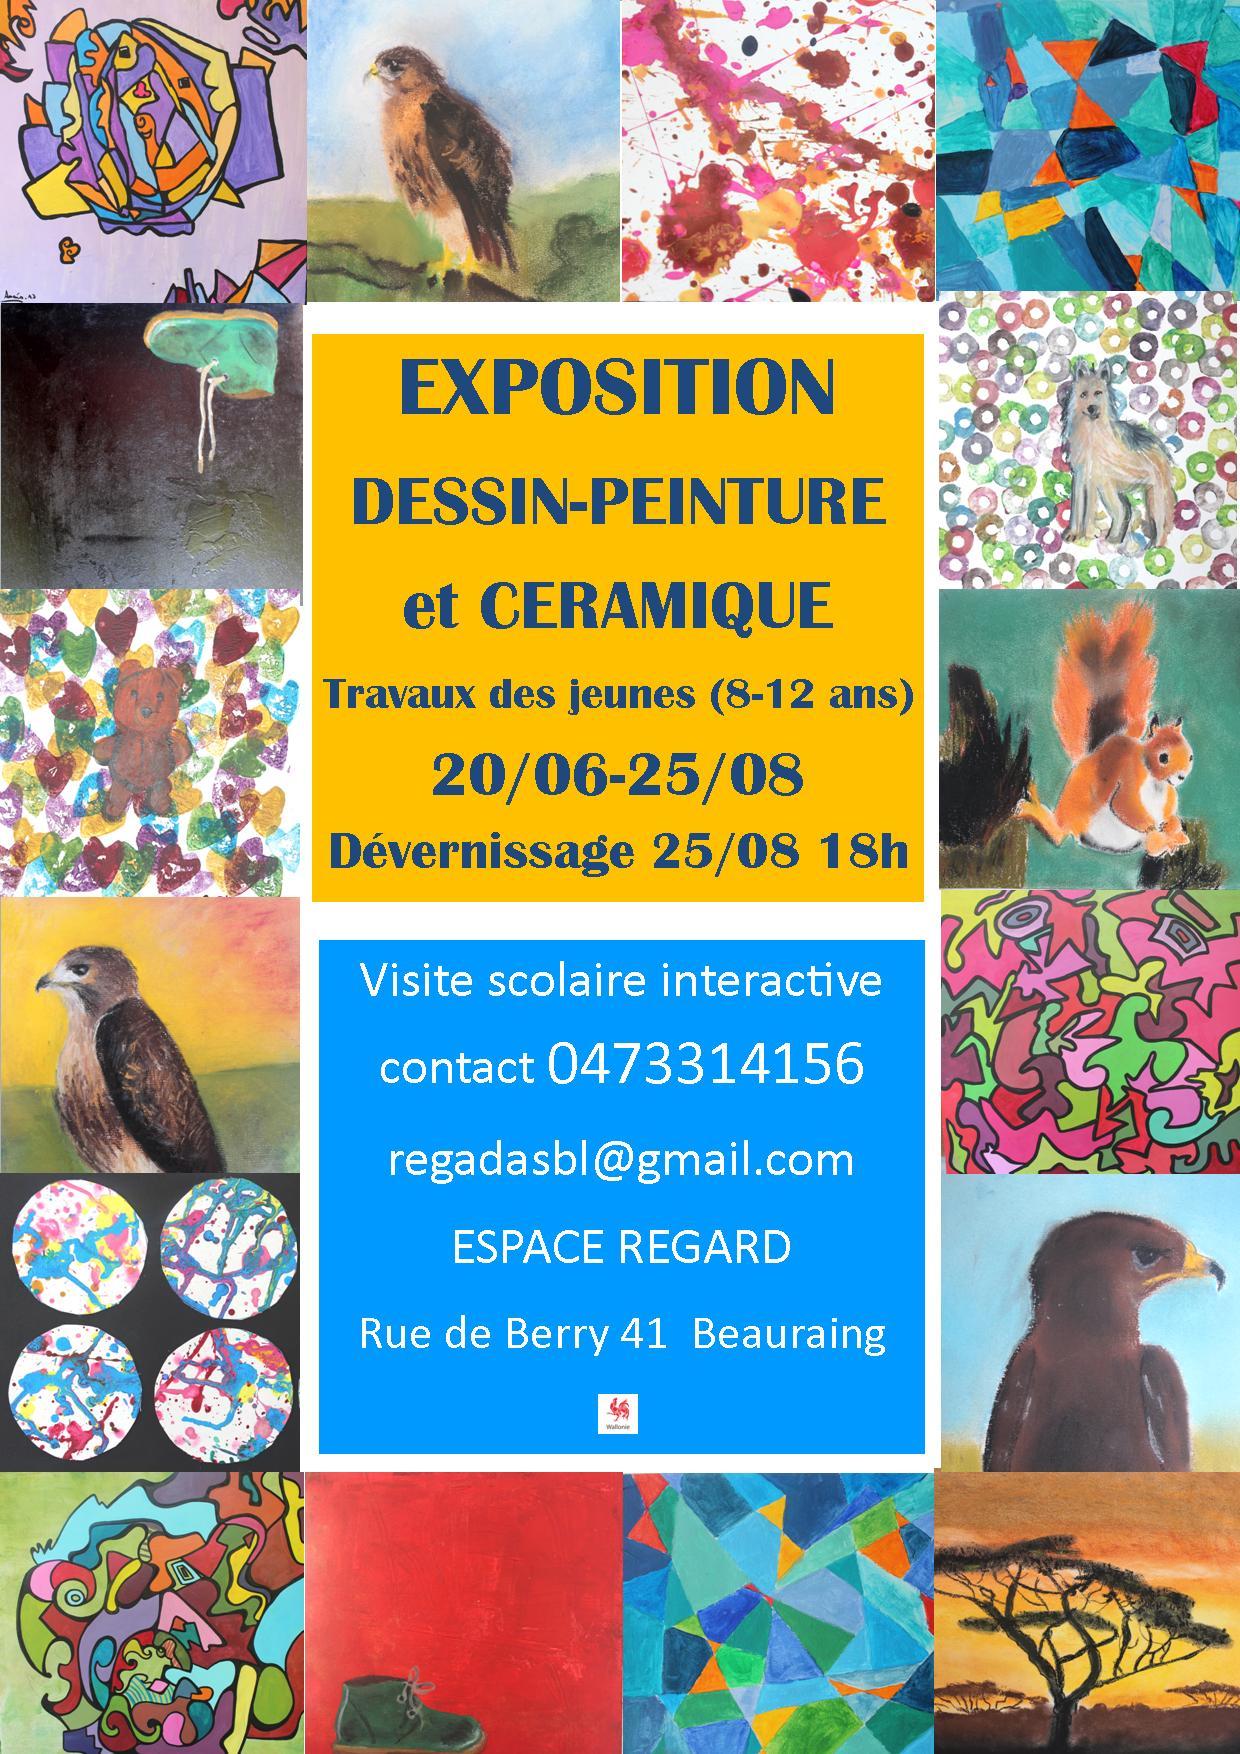 EXPO2013 JEUNES